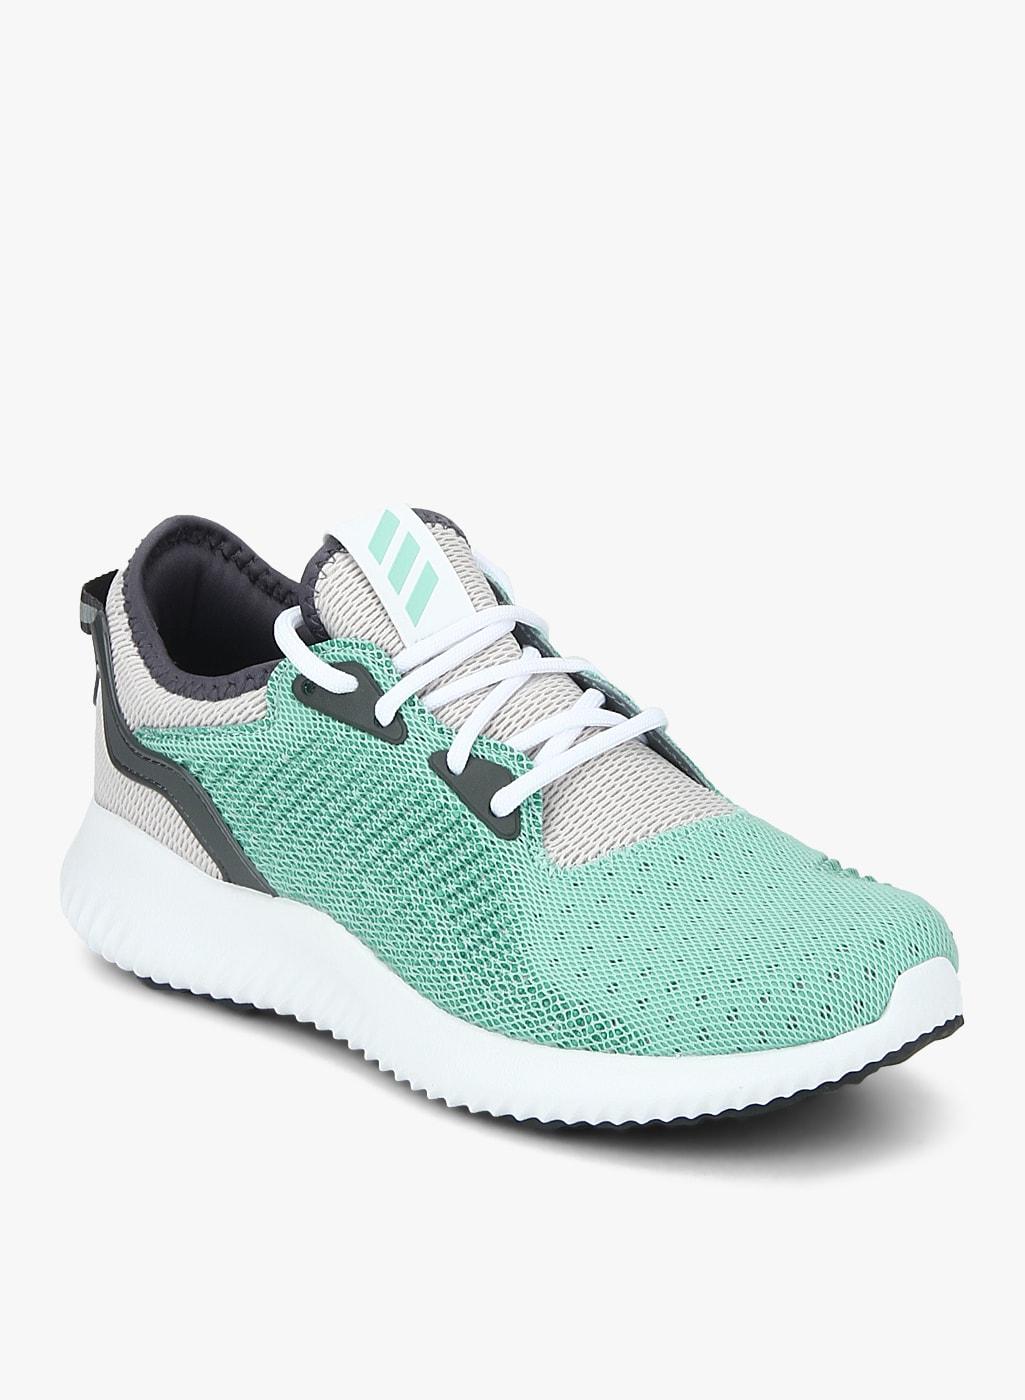 6ce09b8f3833 Adidas Running - Buy Adidas Running online in India